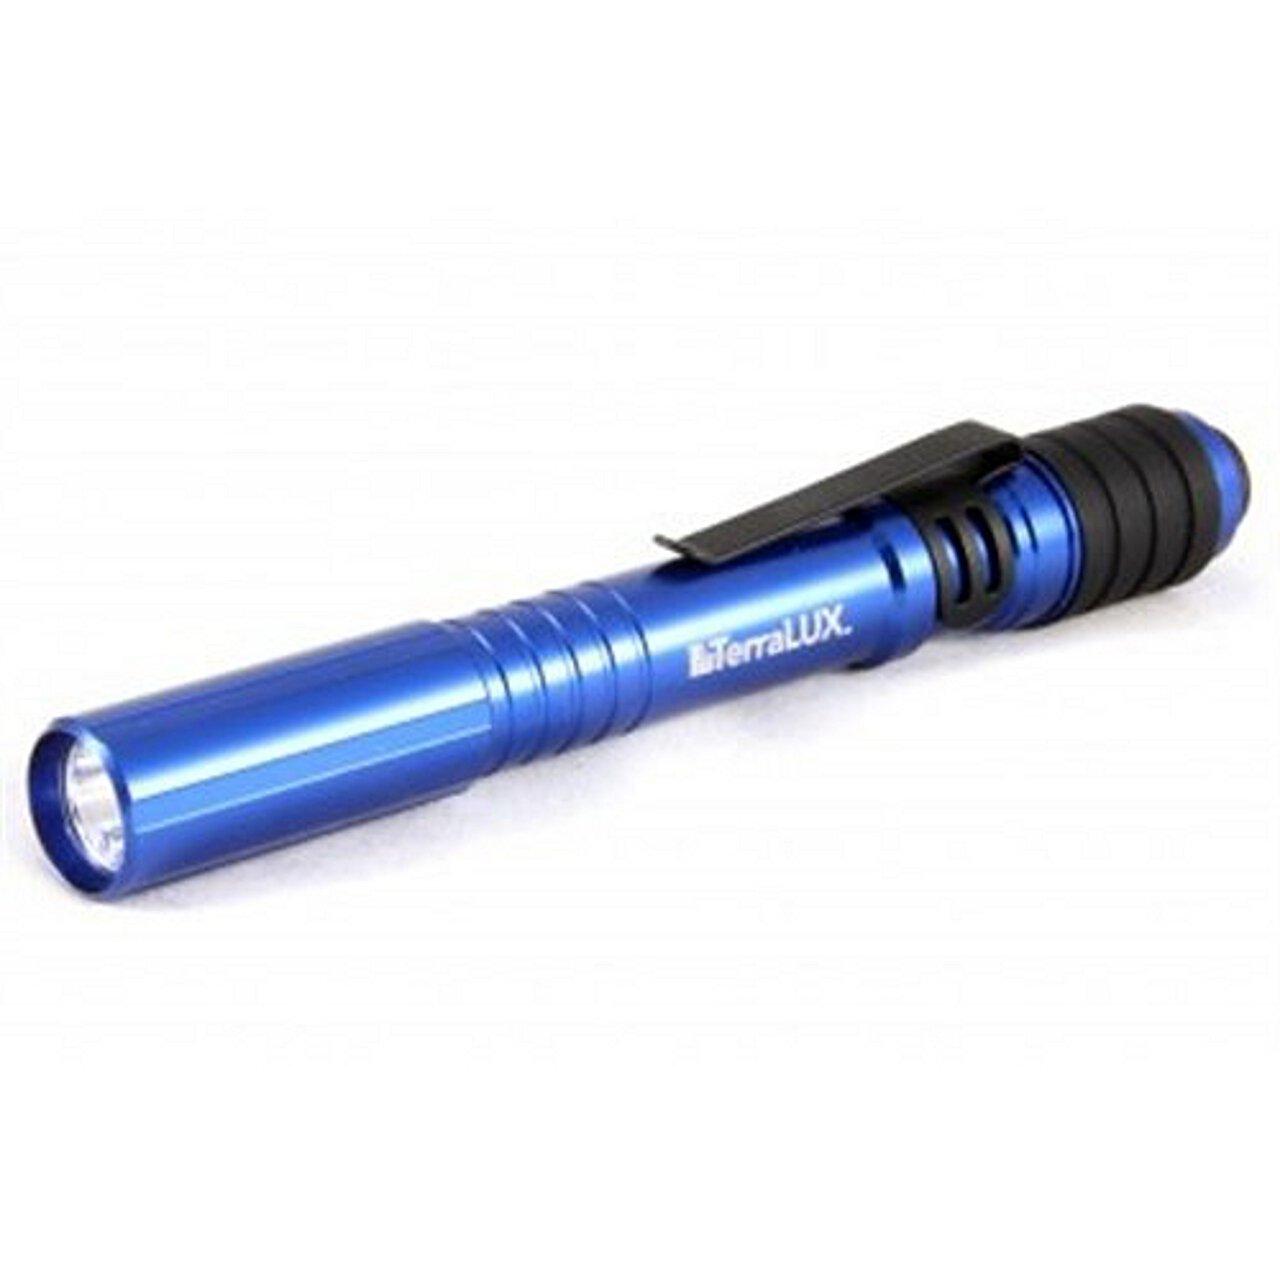 4005197 TerraLUX Lightstar 80 Penlight – Blue